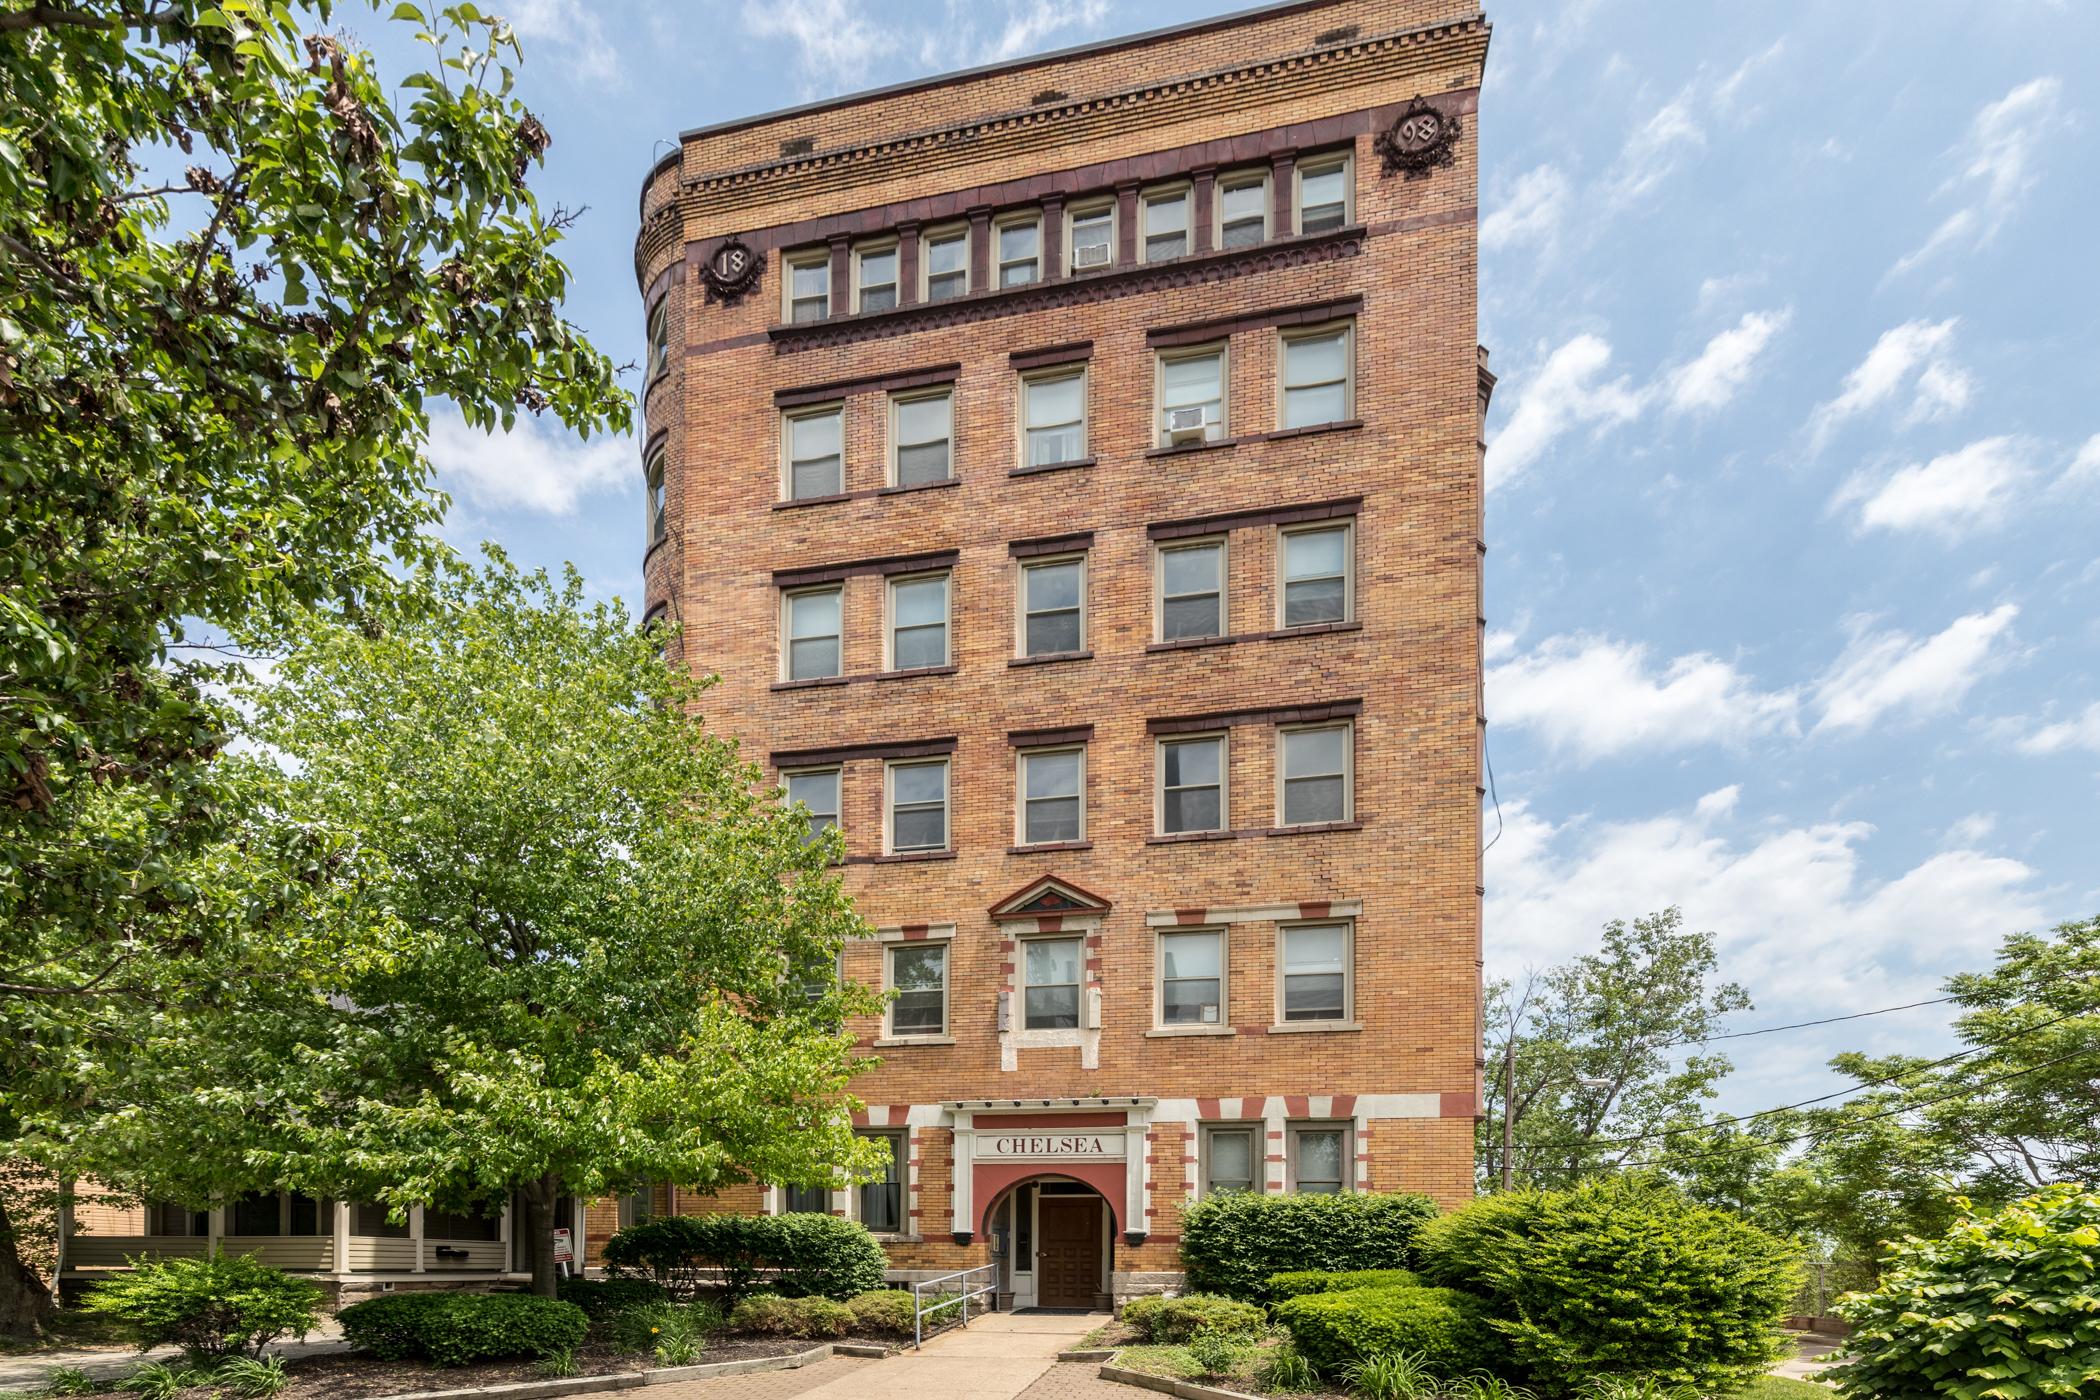 Chelsea Manor - TremontCleveland, Ohio26 units